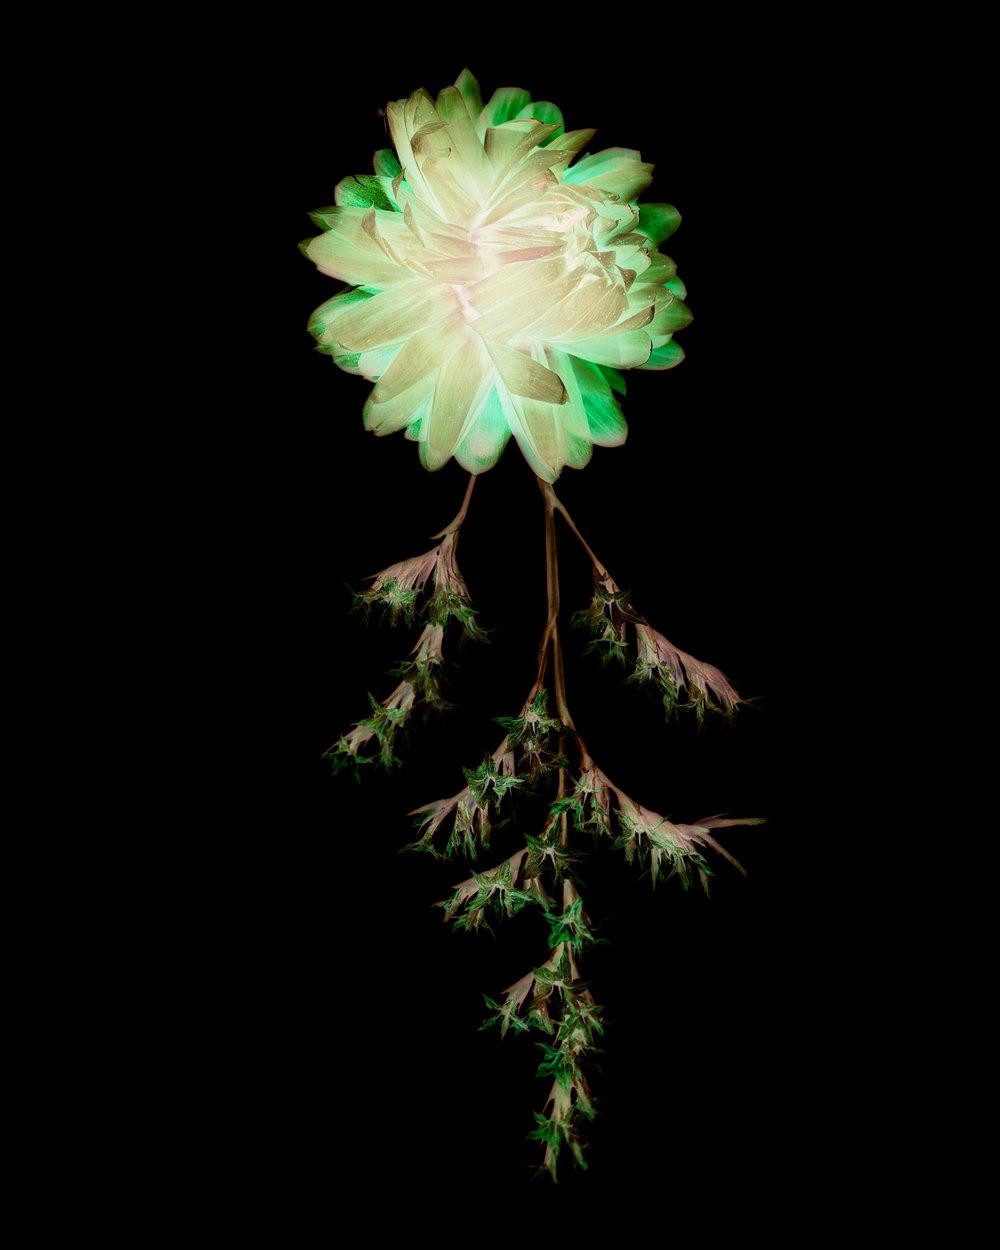 flowers009.jpg